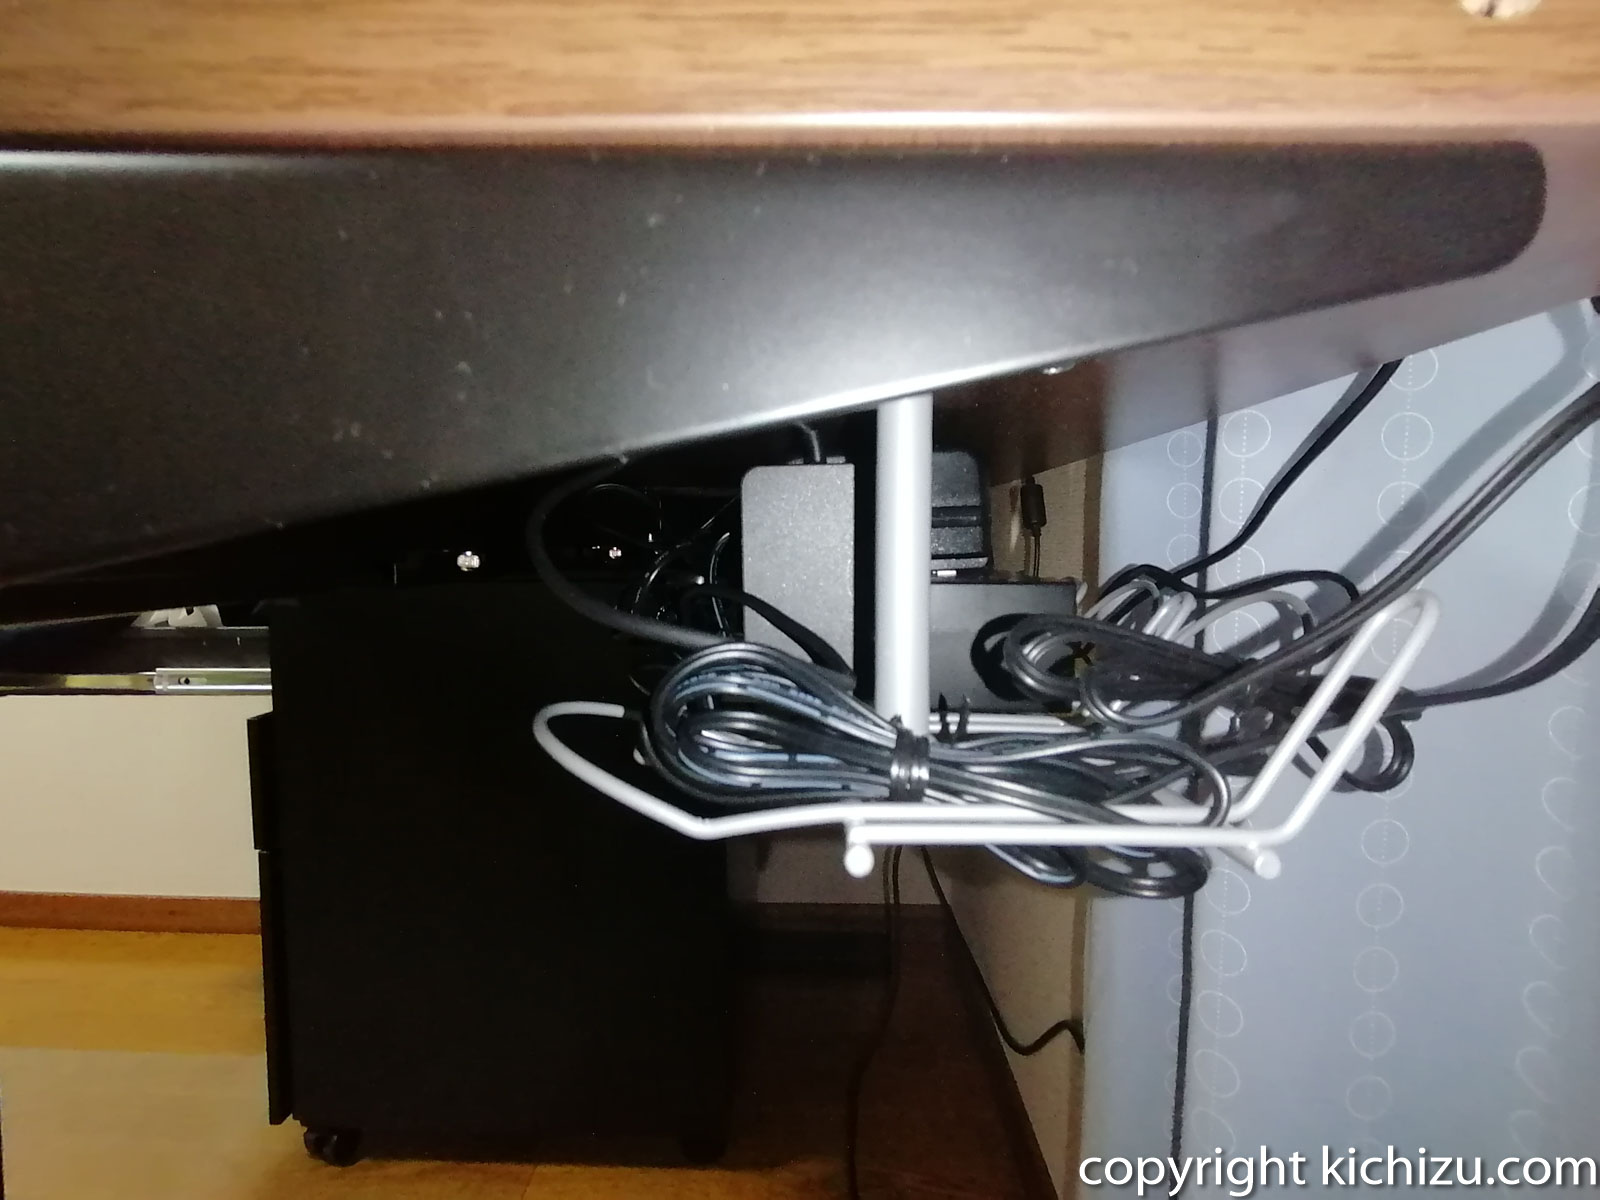 IKEAのケーブルオーガナイザーを横から見た様子